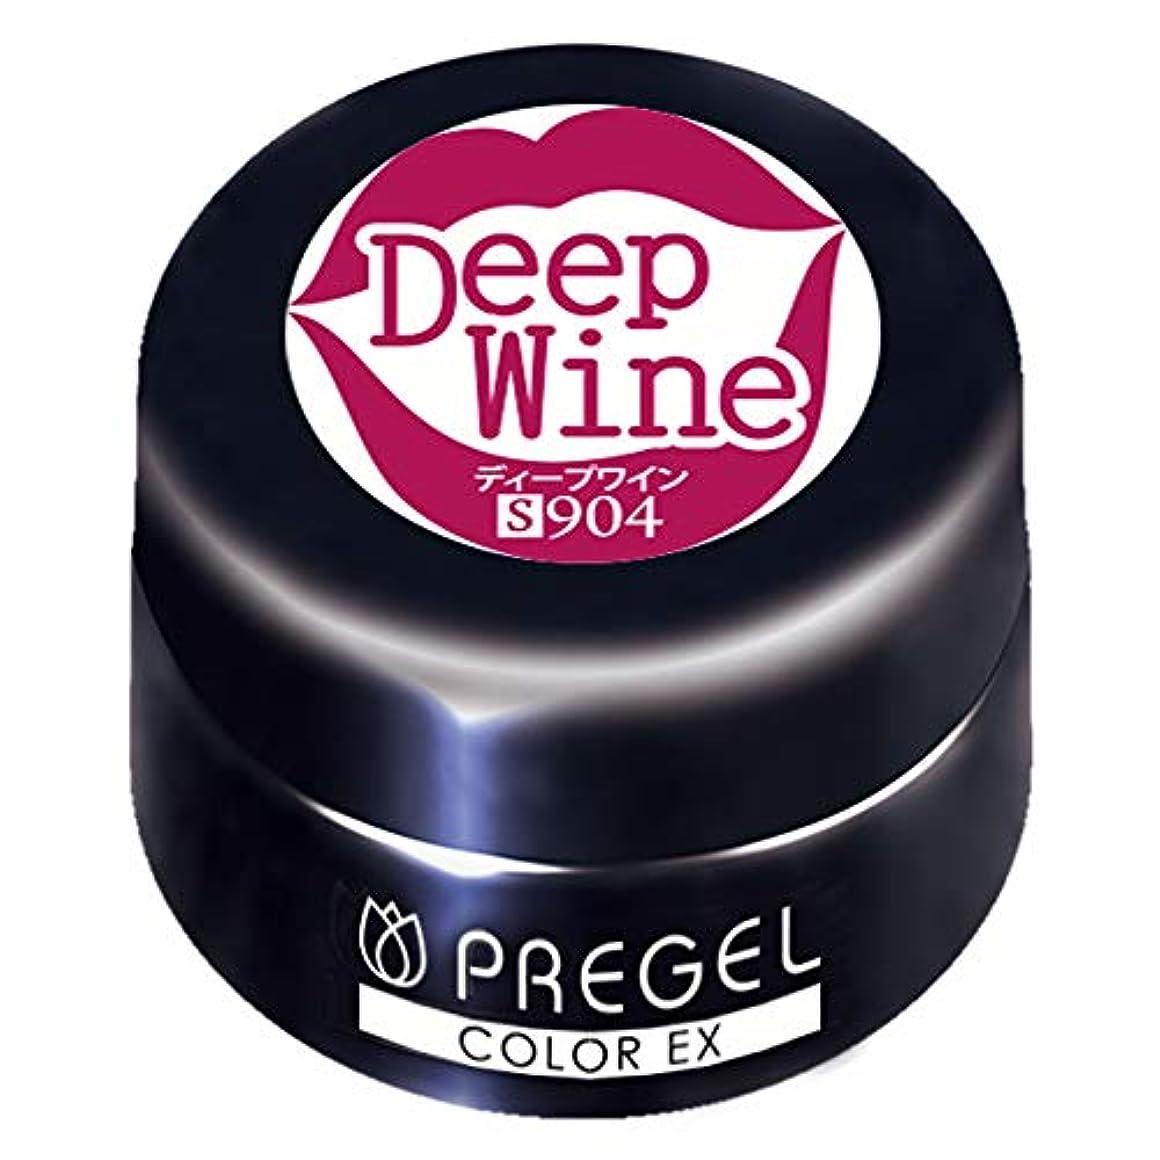 エクスタシー変なオープニングPRE GEL カラーEX ディープワイン 3g PG-CE904